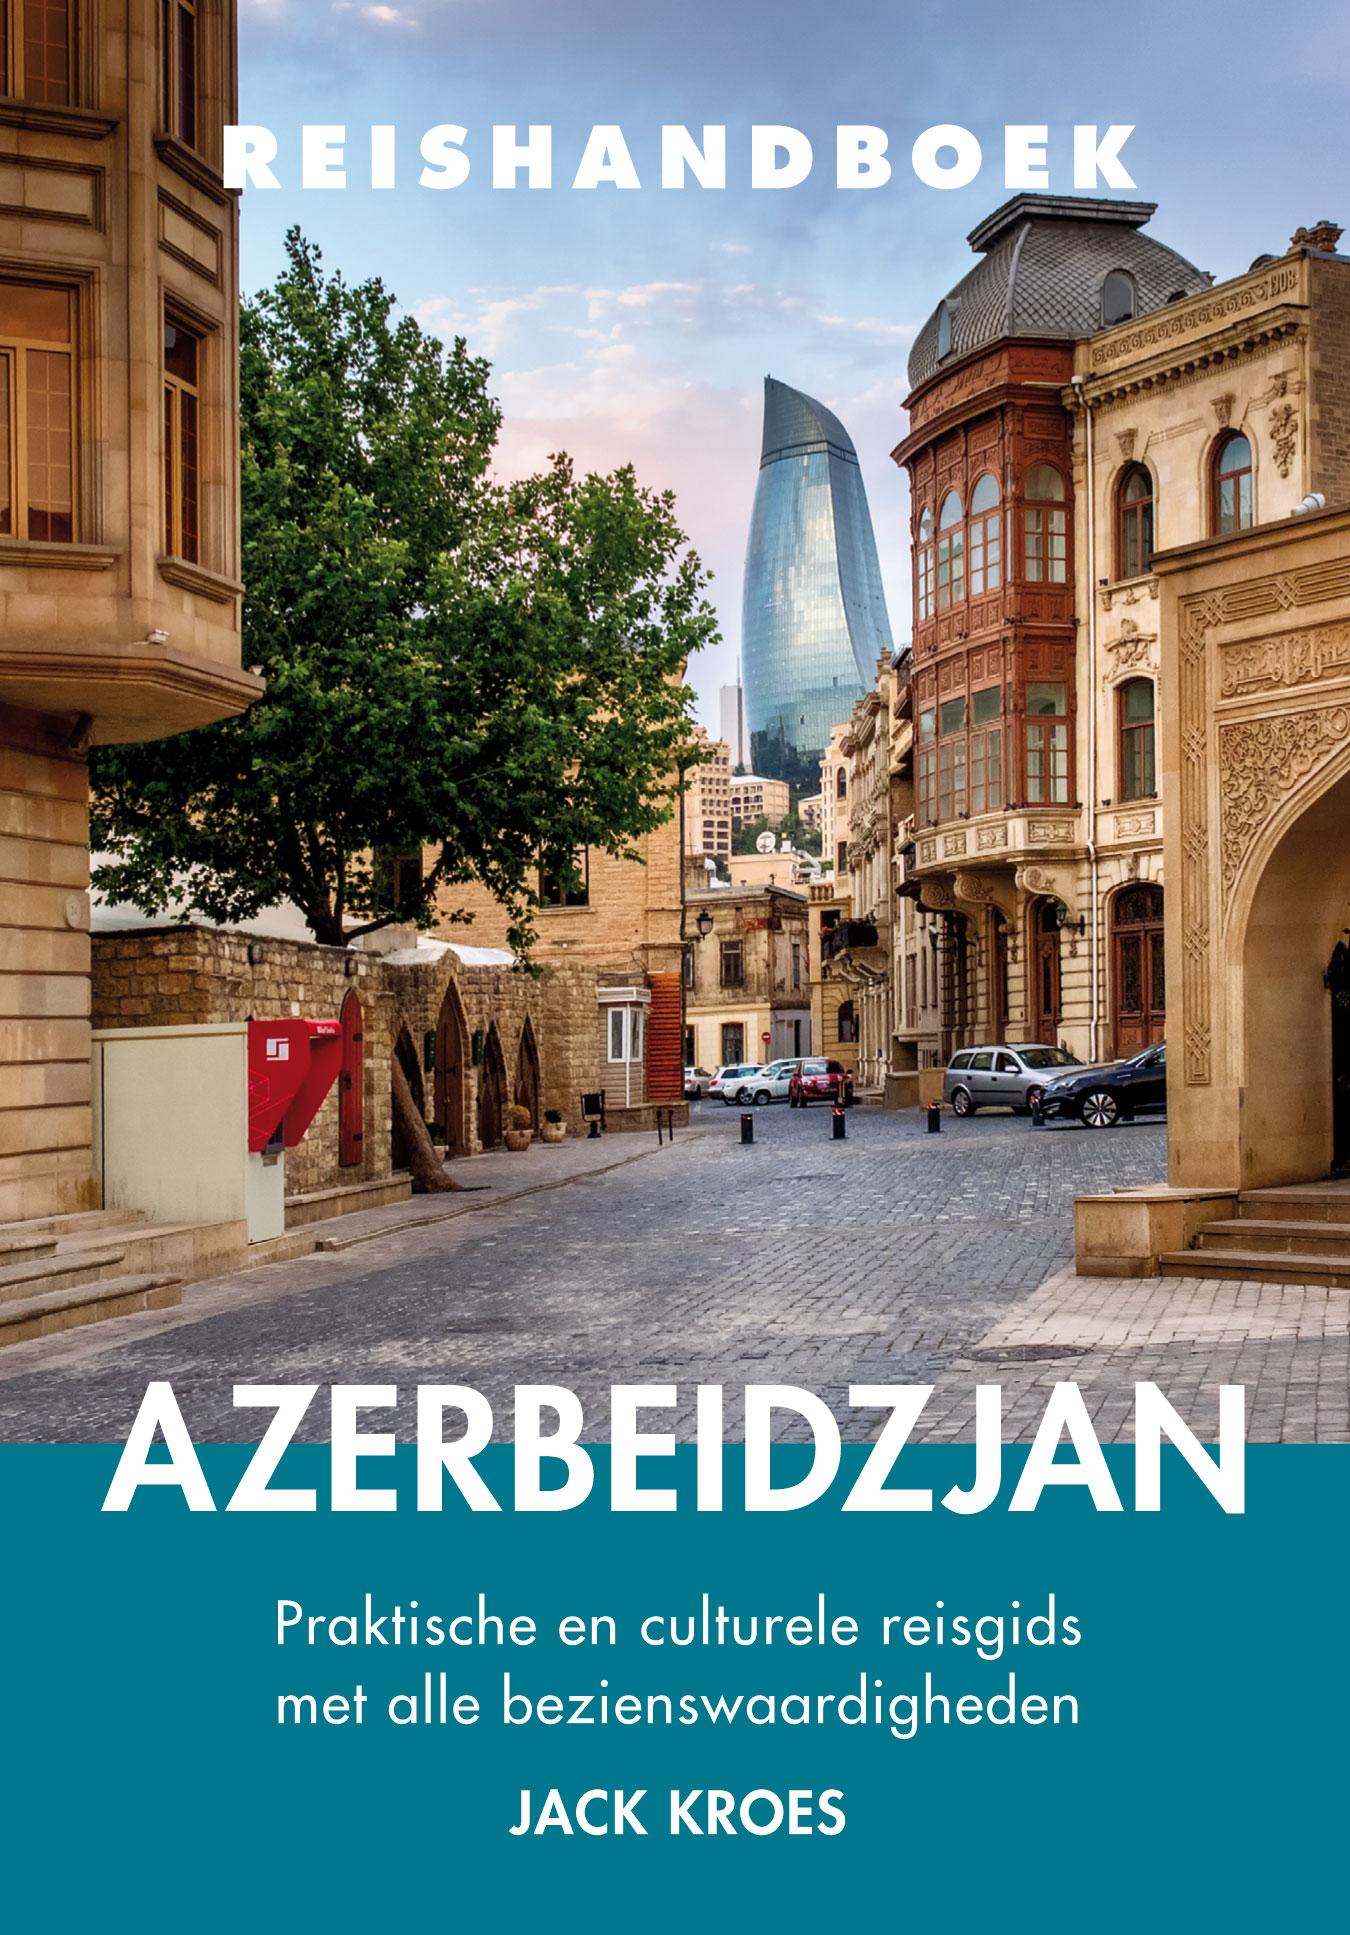 Reisgids reishandboek Azerbeidzjan   Elmar   Jack Kroes